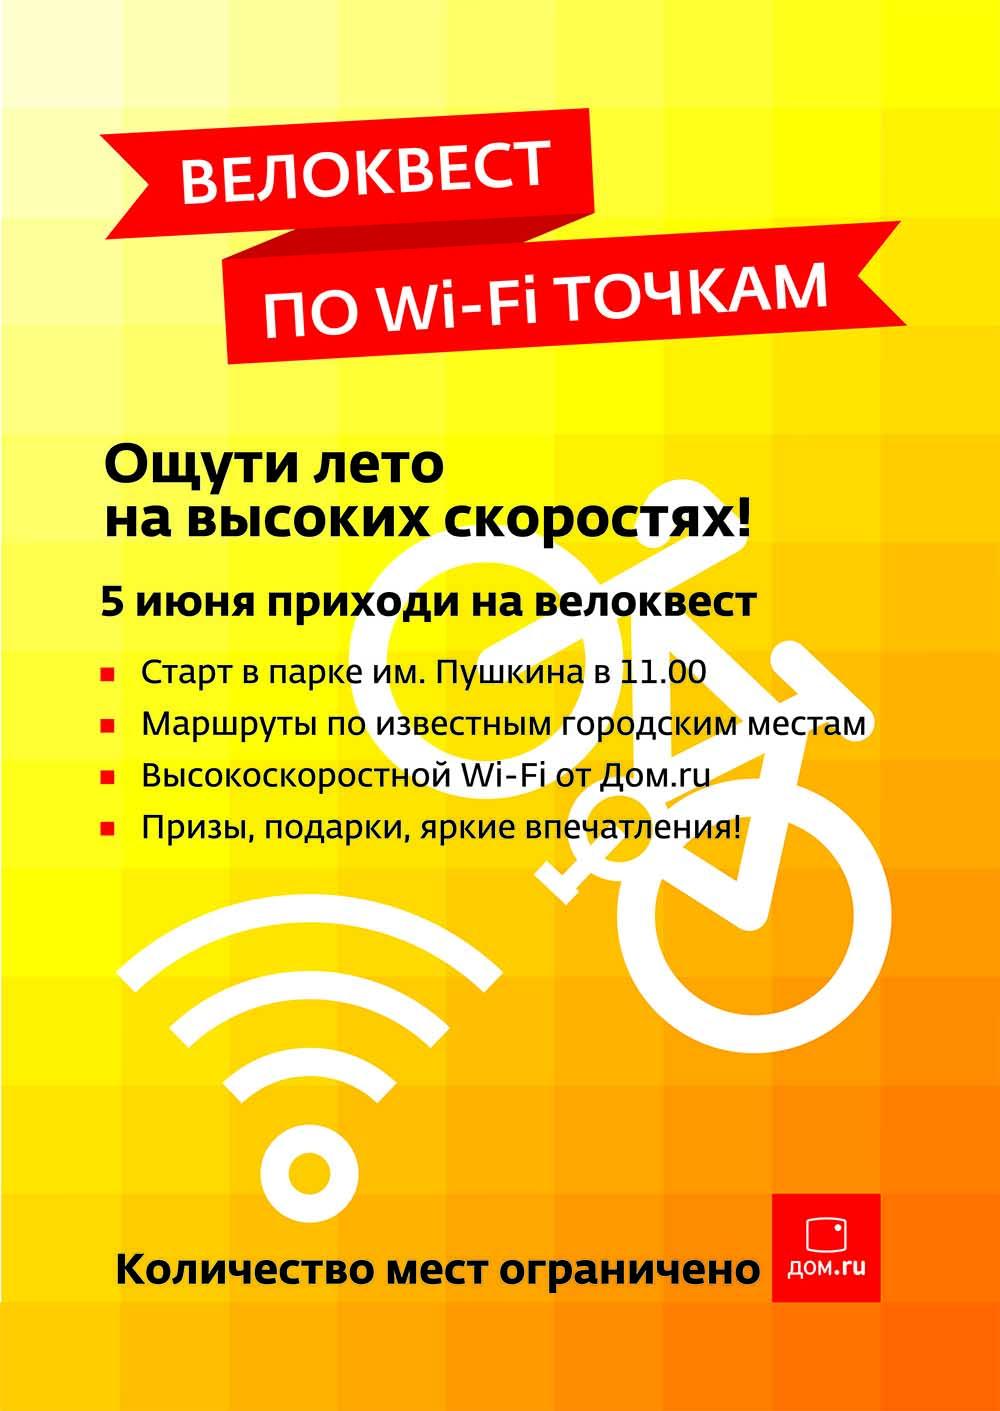 Всё, что необходимо иметь при себе – велосипед и смартфон. Участники будут получать зашифрованные